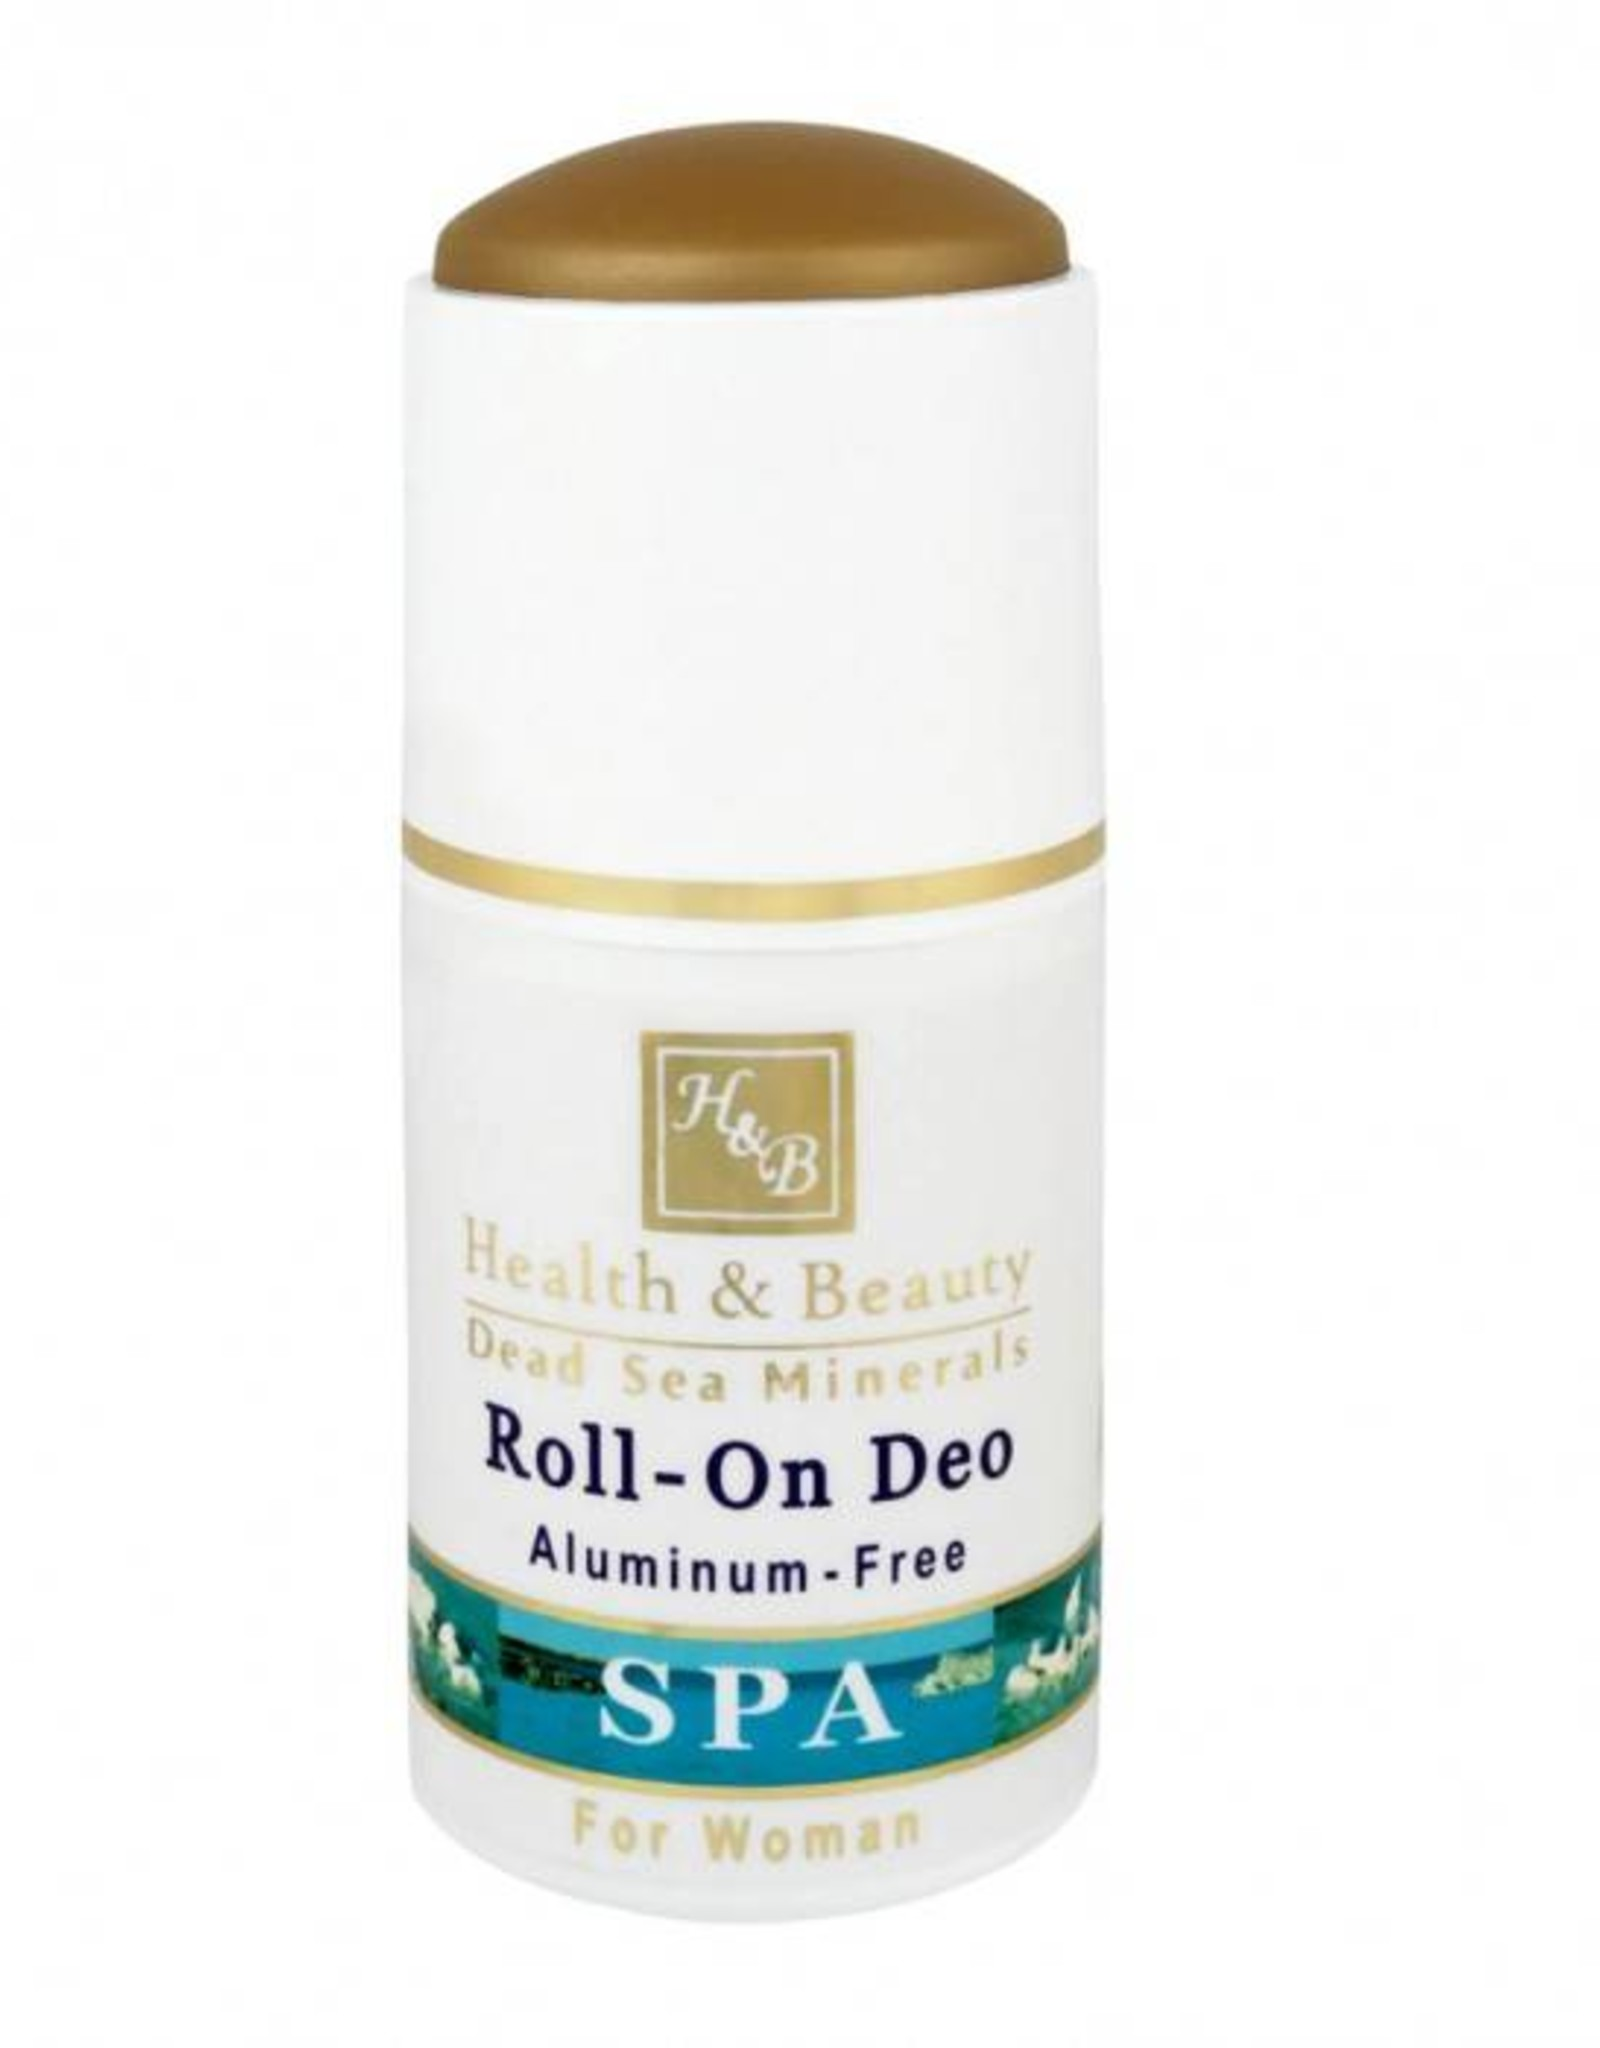 H&B Dead Sea Minerals Deodorant roller voor vrouwen